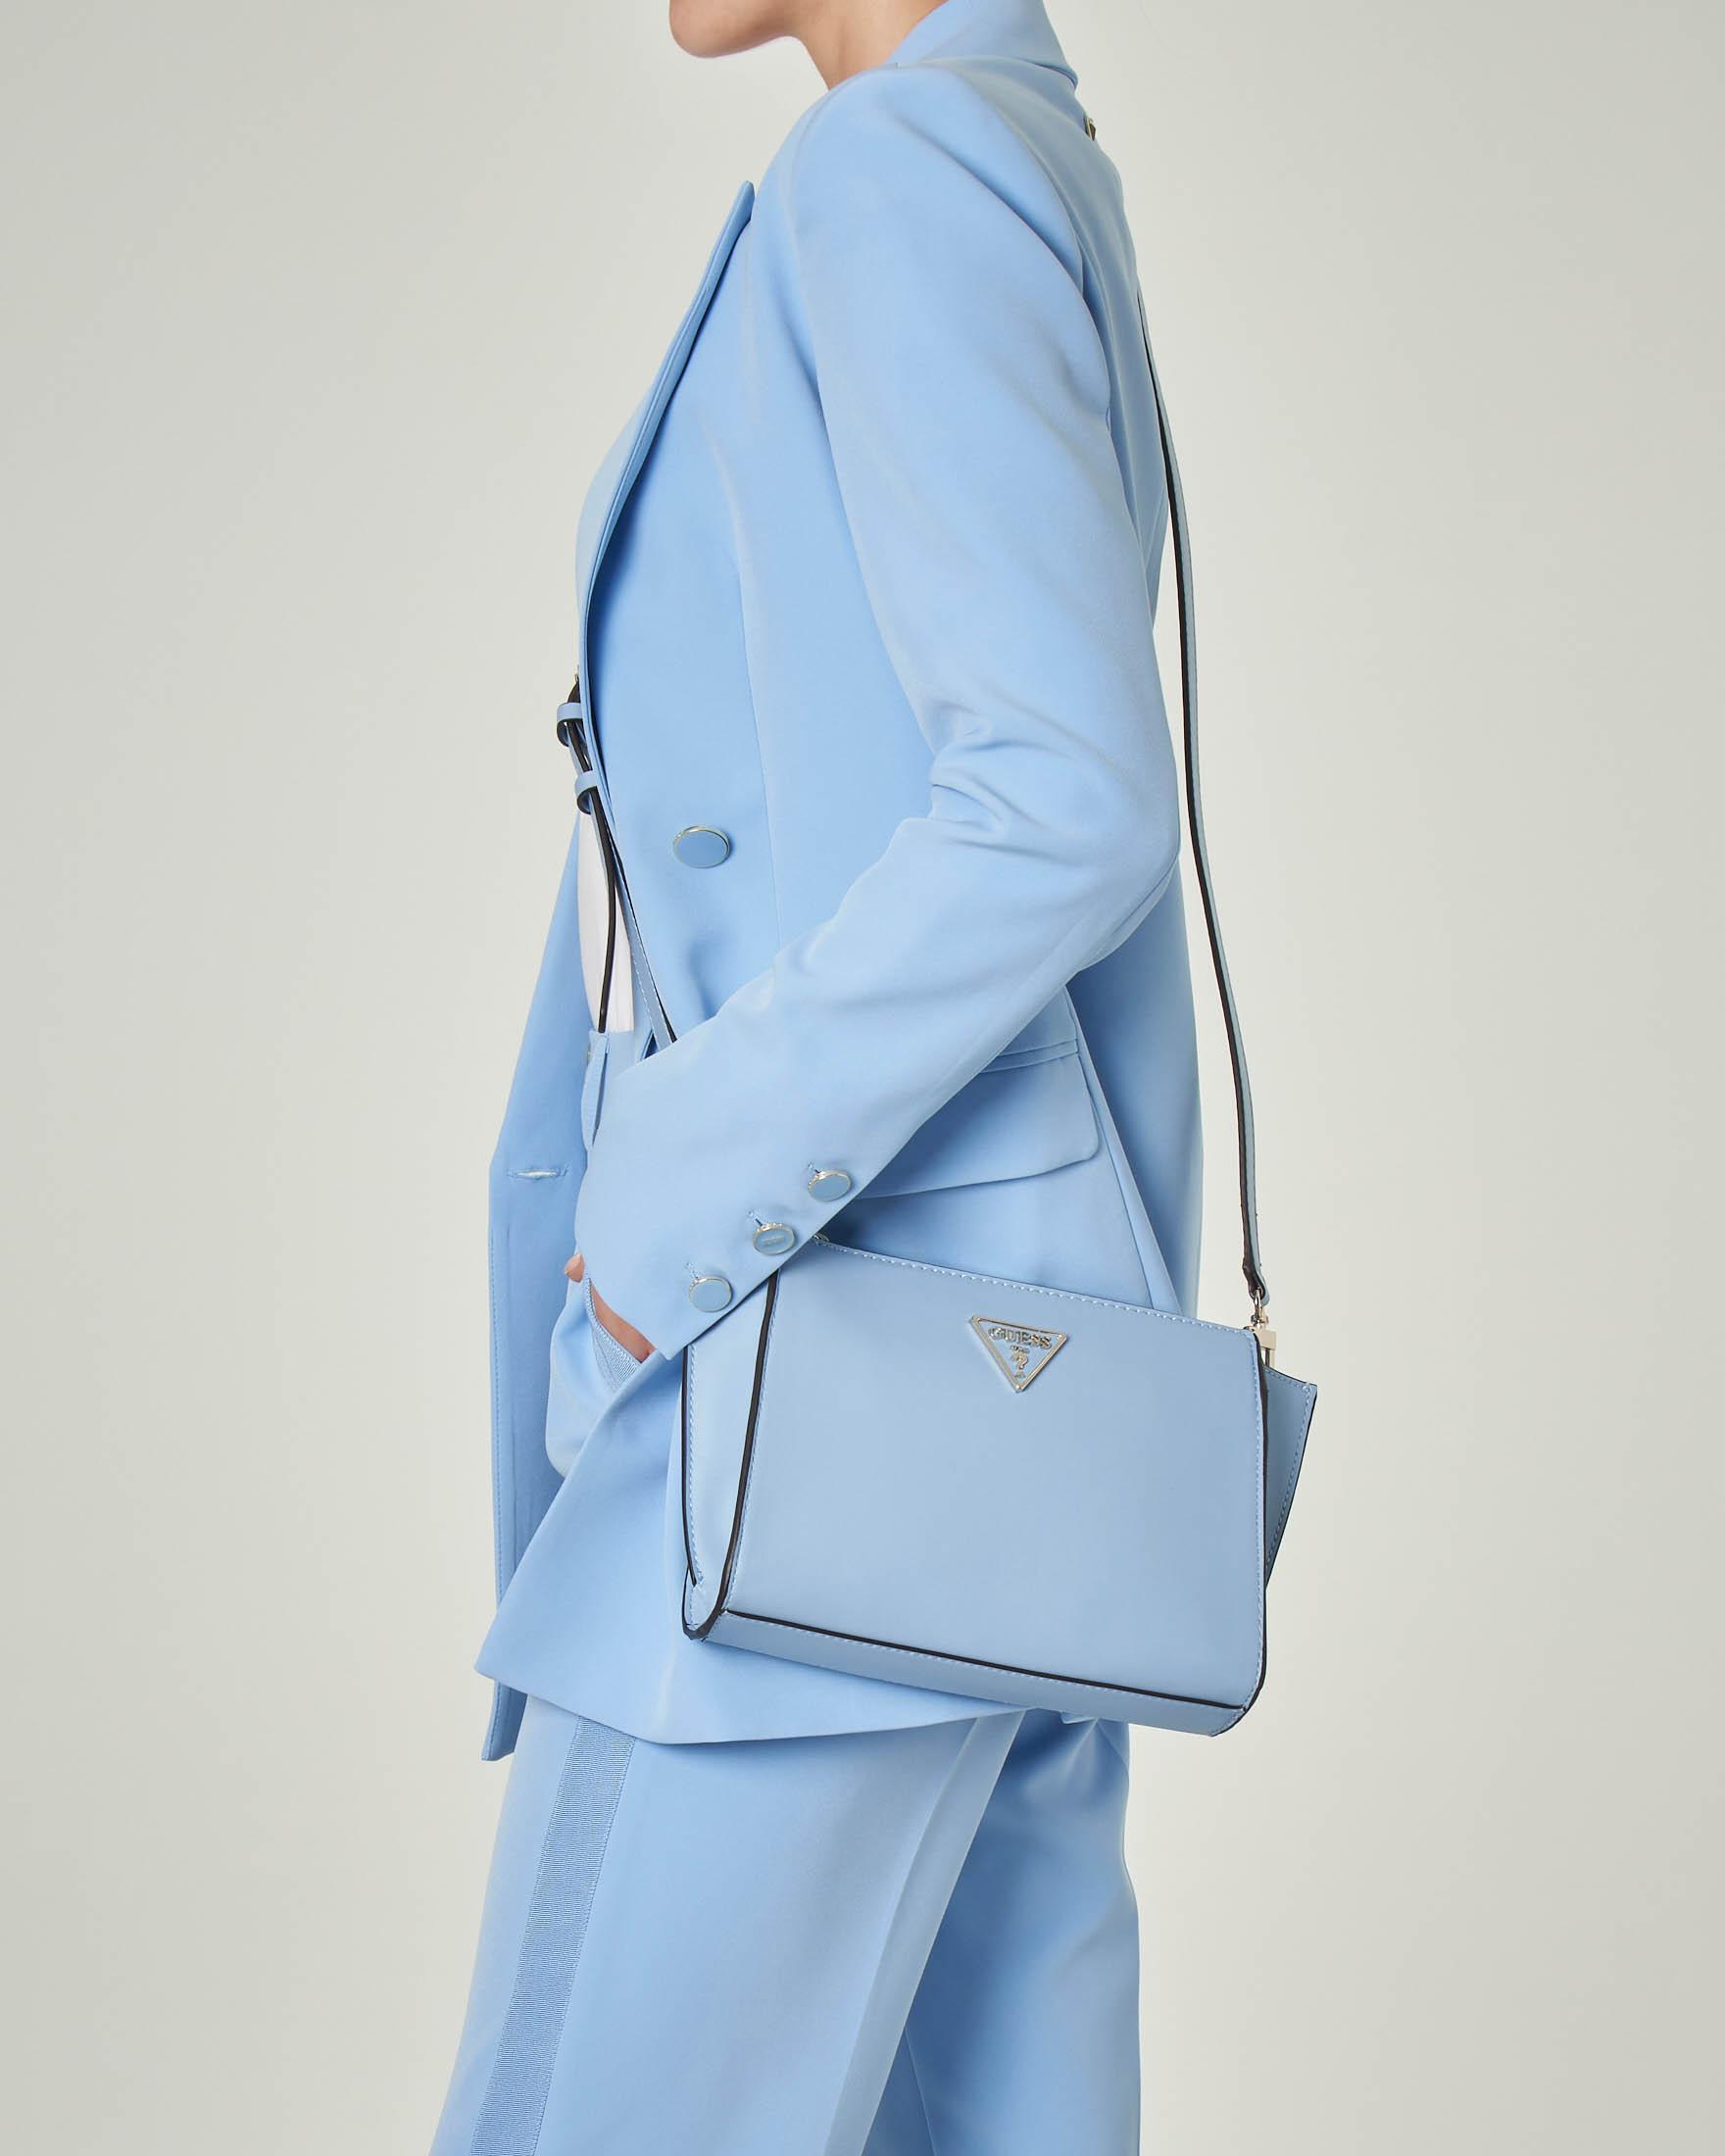 Borsa azzura in ecopelle liscia a tracolla con logo e tasca sul retro